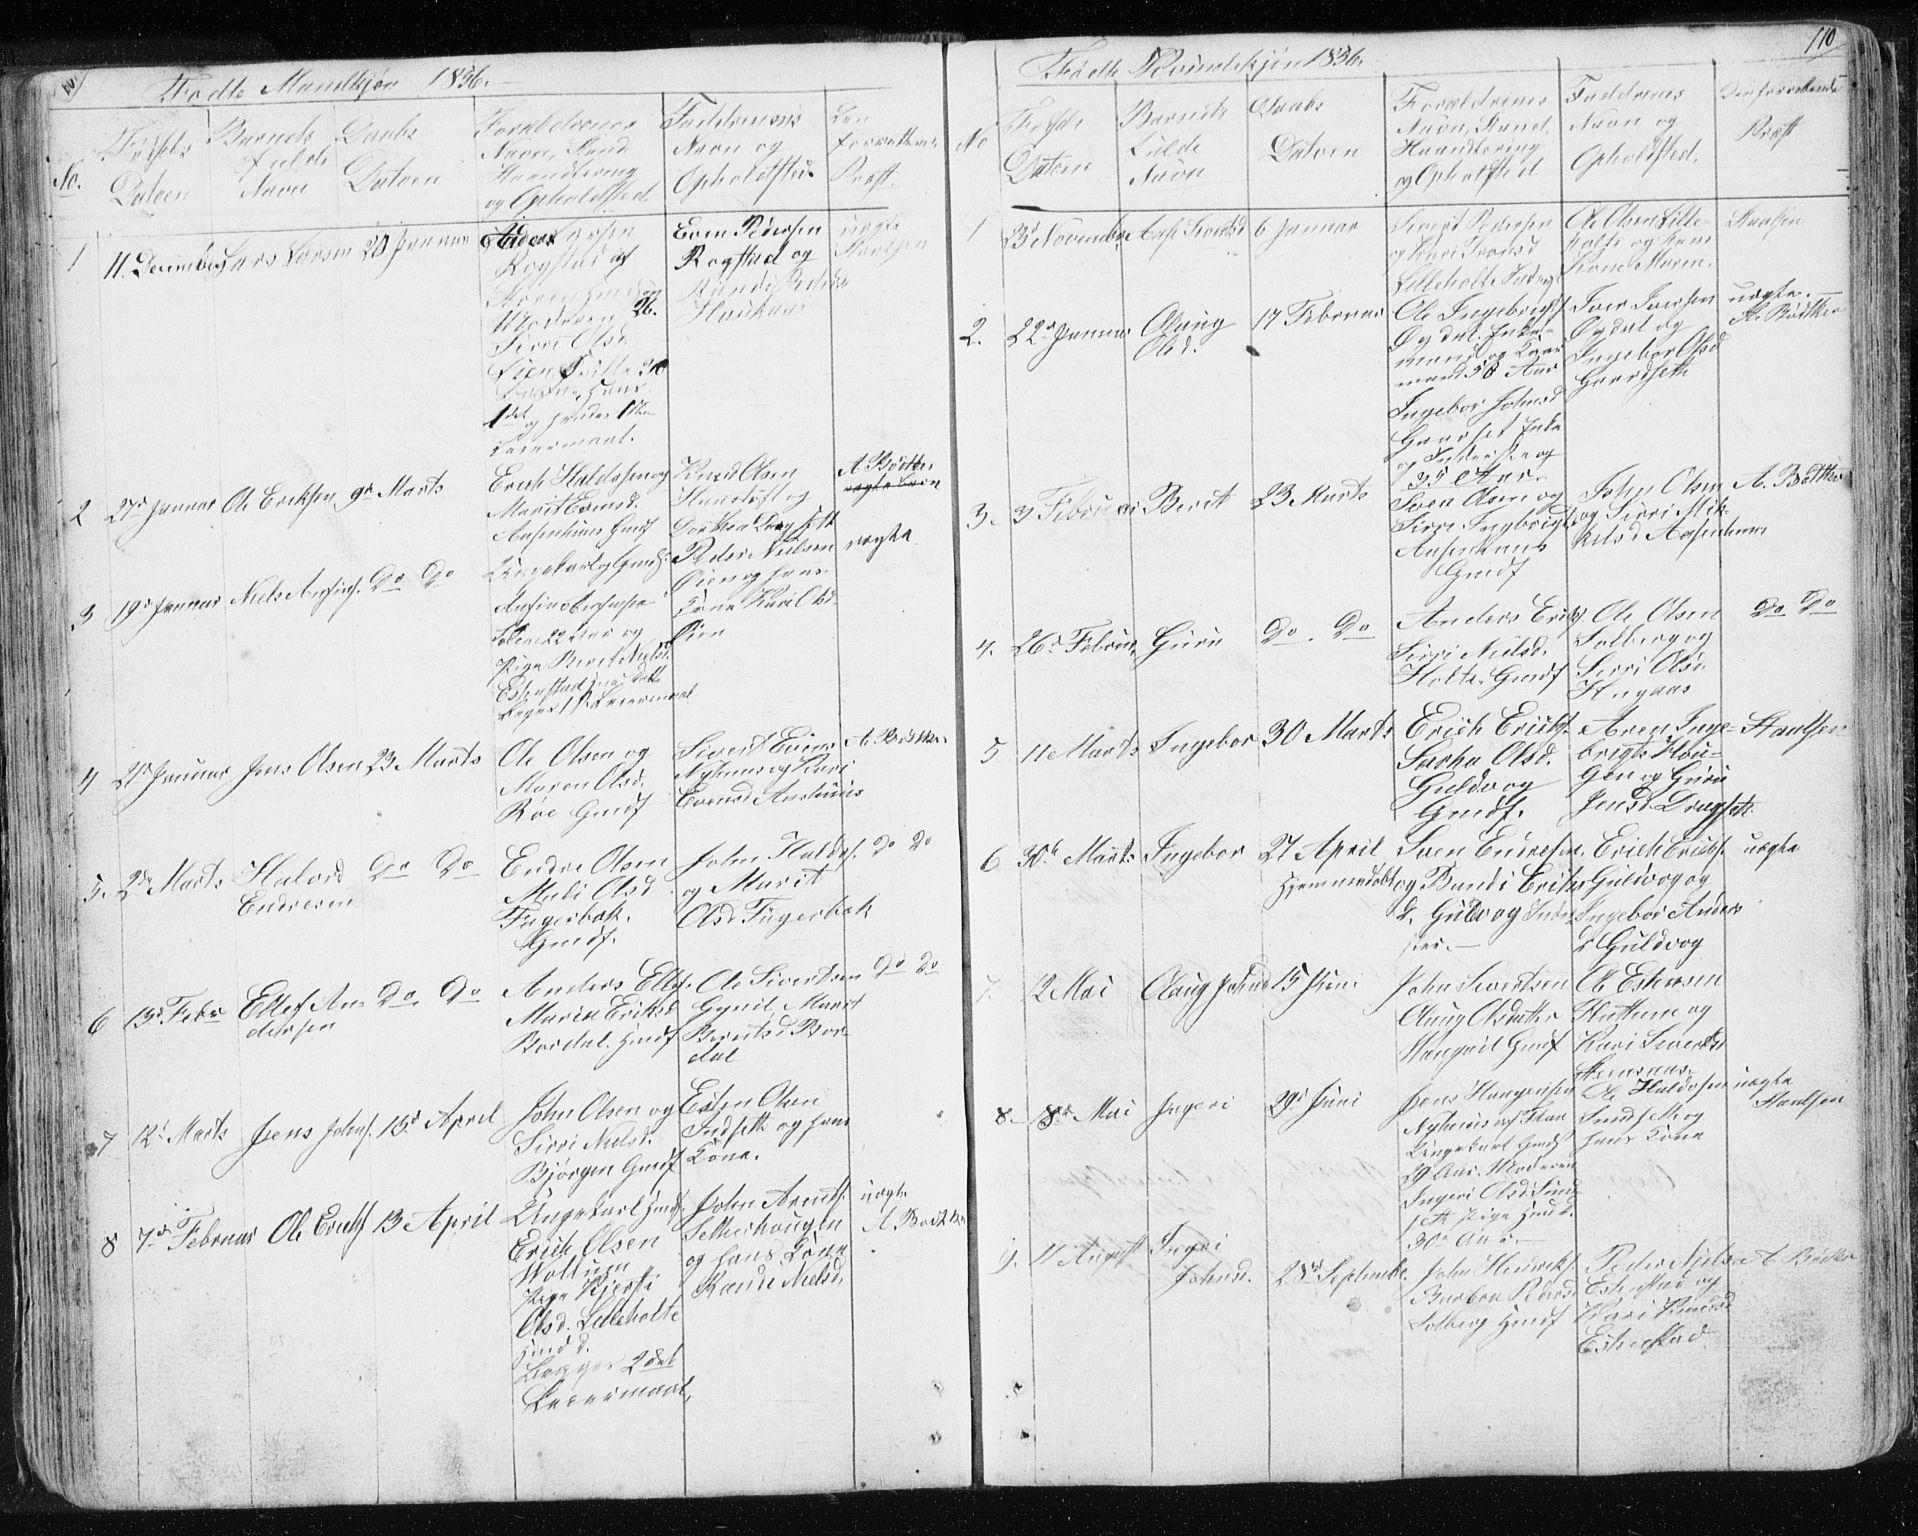 SAT, Ministerialprotokoller, klokkerbøker og fødselsregistre - Sør-Trøndelag, 689/L1043: Klokkerbok nr. 689C02, 1816-1892, s. 110